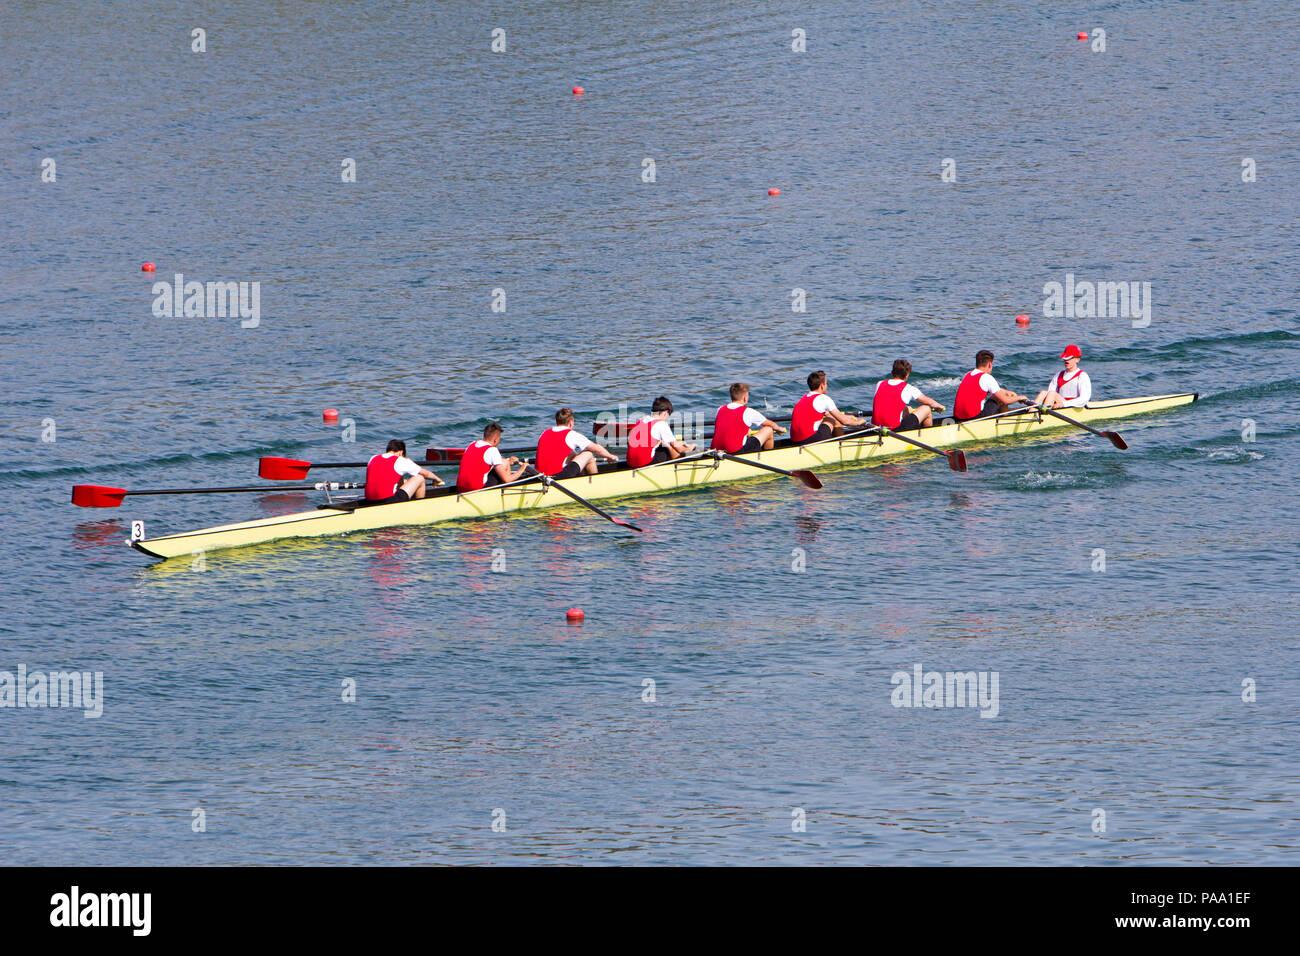 Ruderer in acht-Ruder Ruderboote auf dem ruhigen See Stockbild